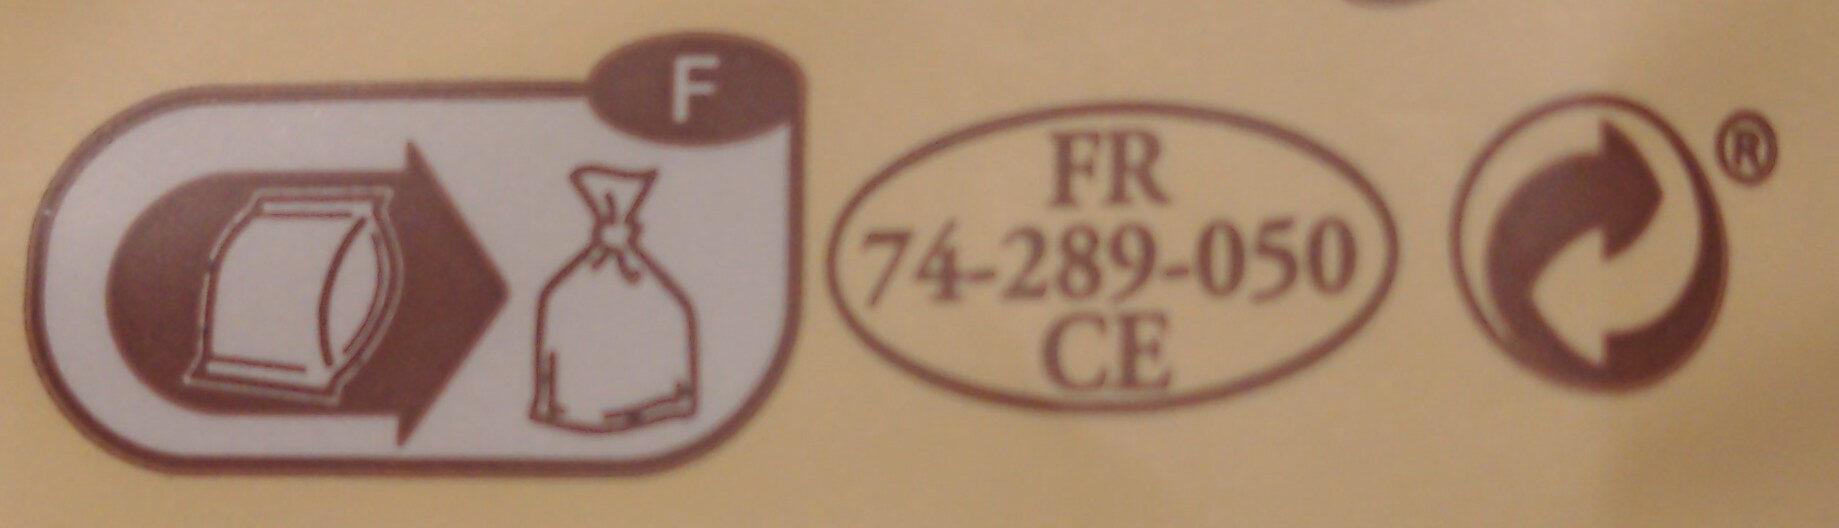 250G Abondance Aoc Reflets De France - Instruction de recyclage et/ou information d'emballage - fr